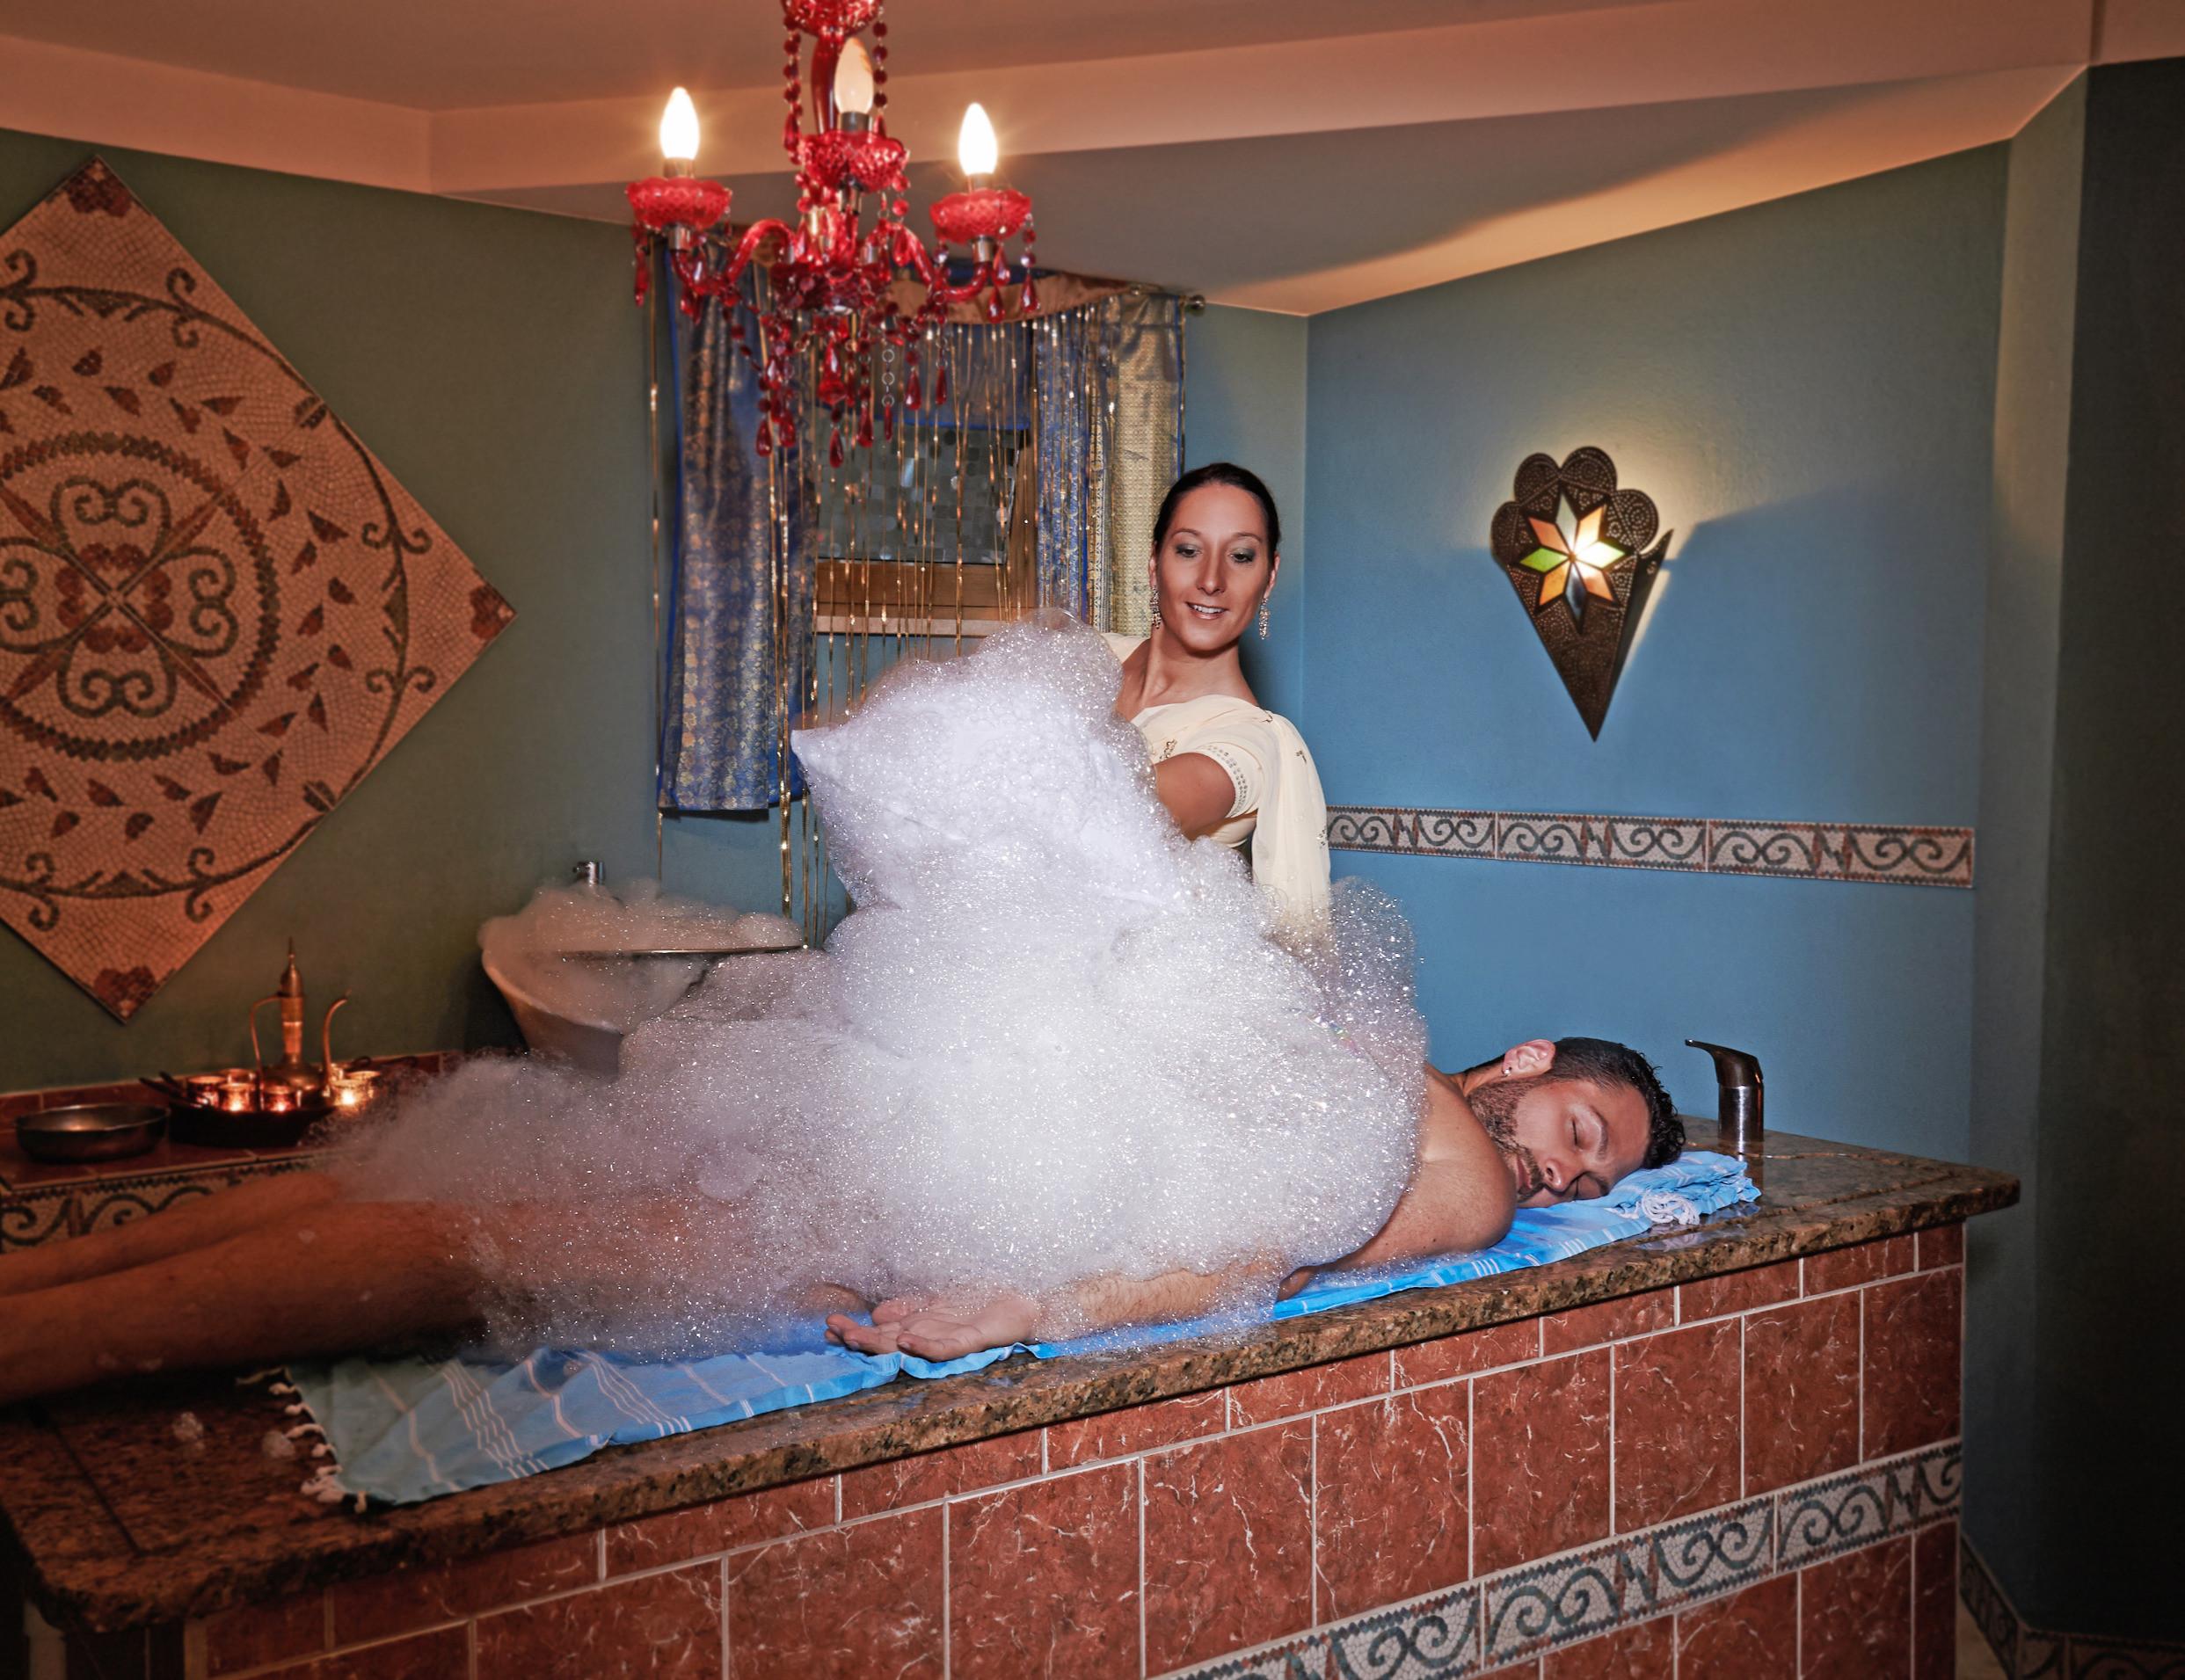 Seifenschaum Massage